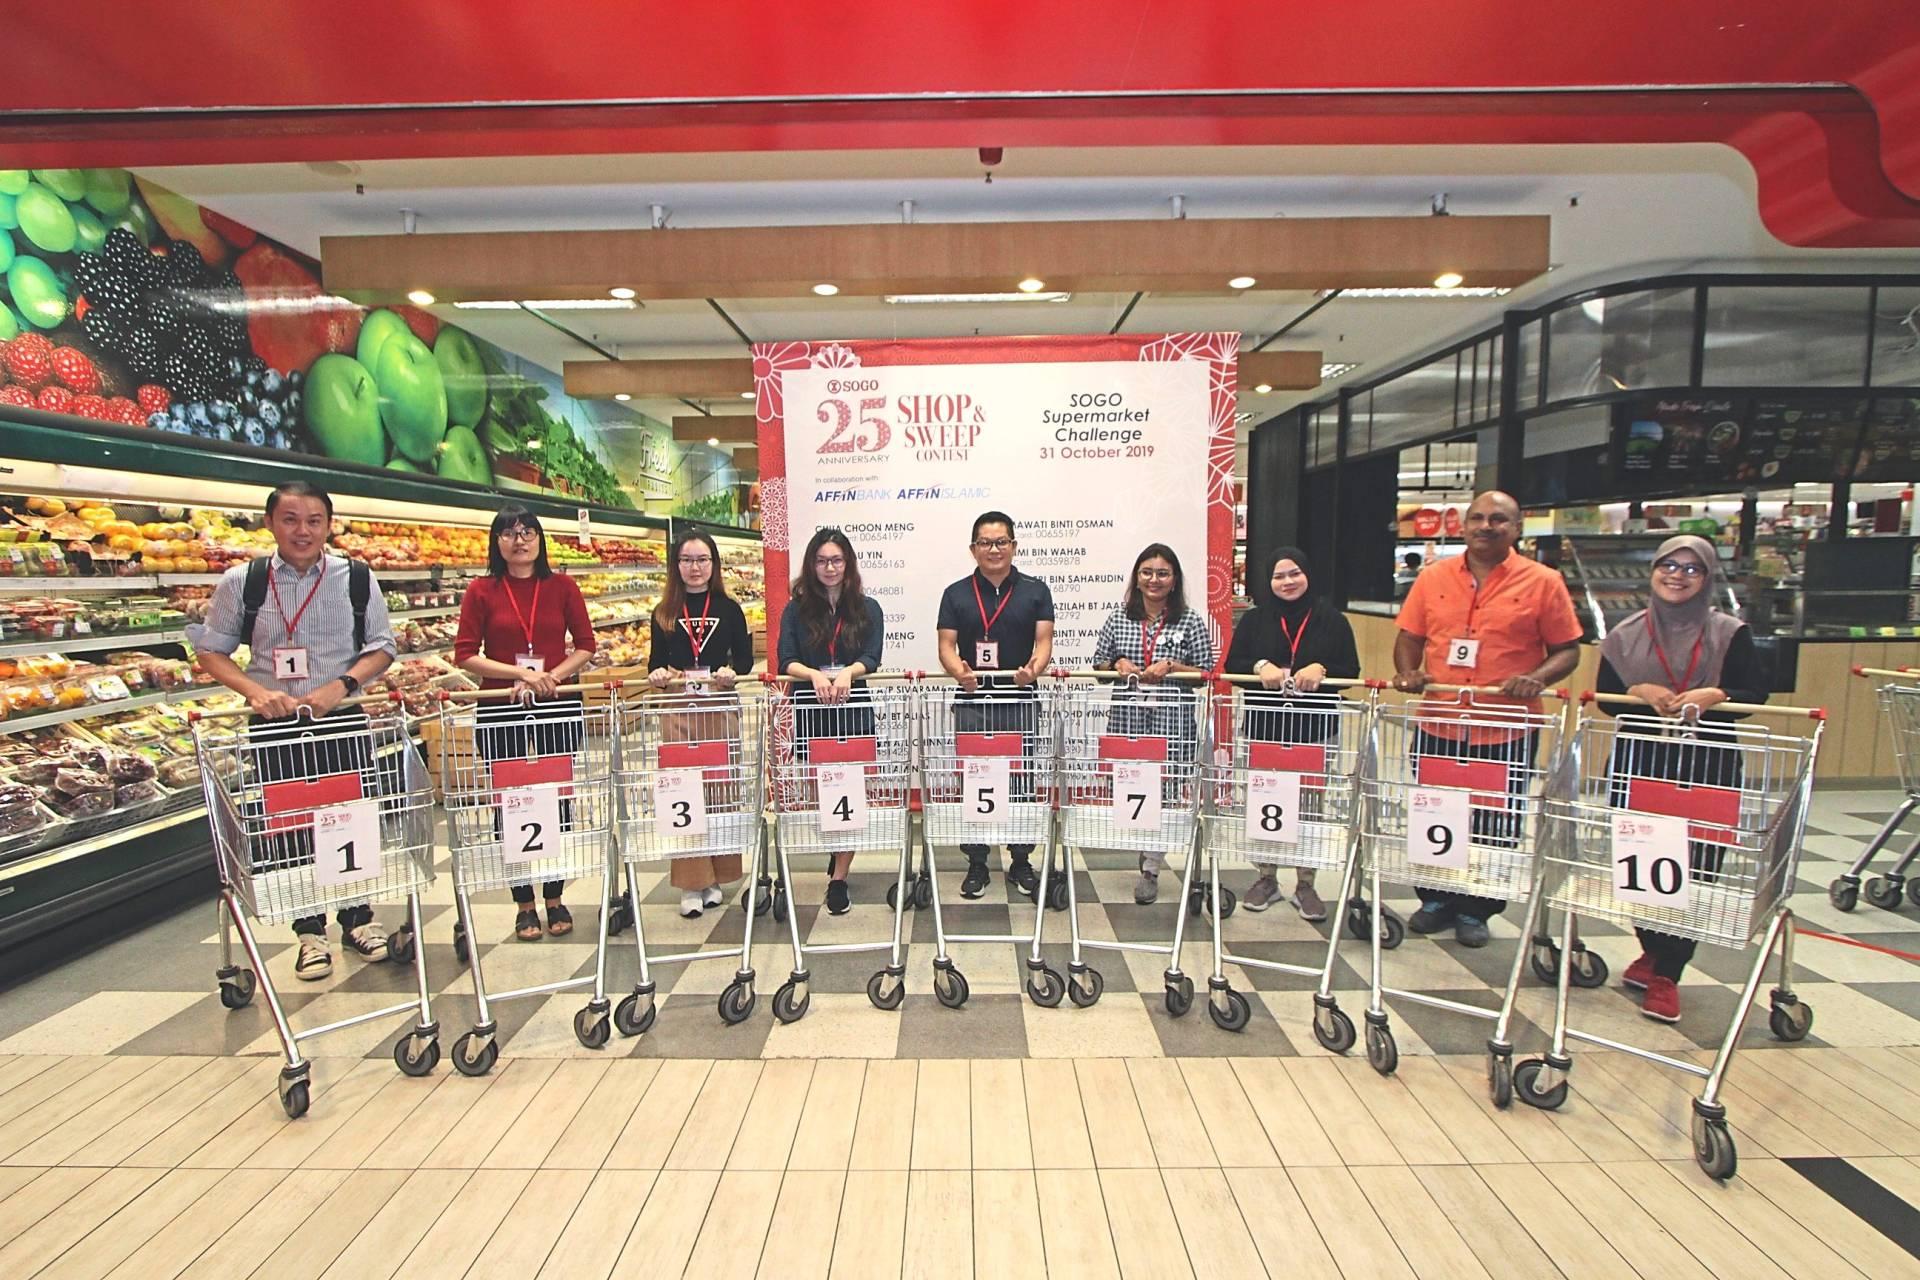 Grabbing goodies worth RM2,500 in supermarket challenge